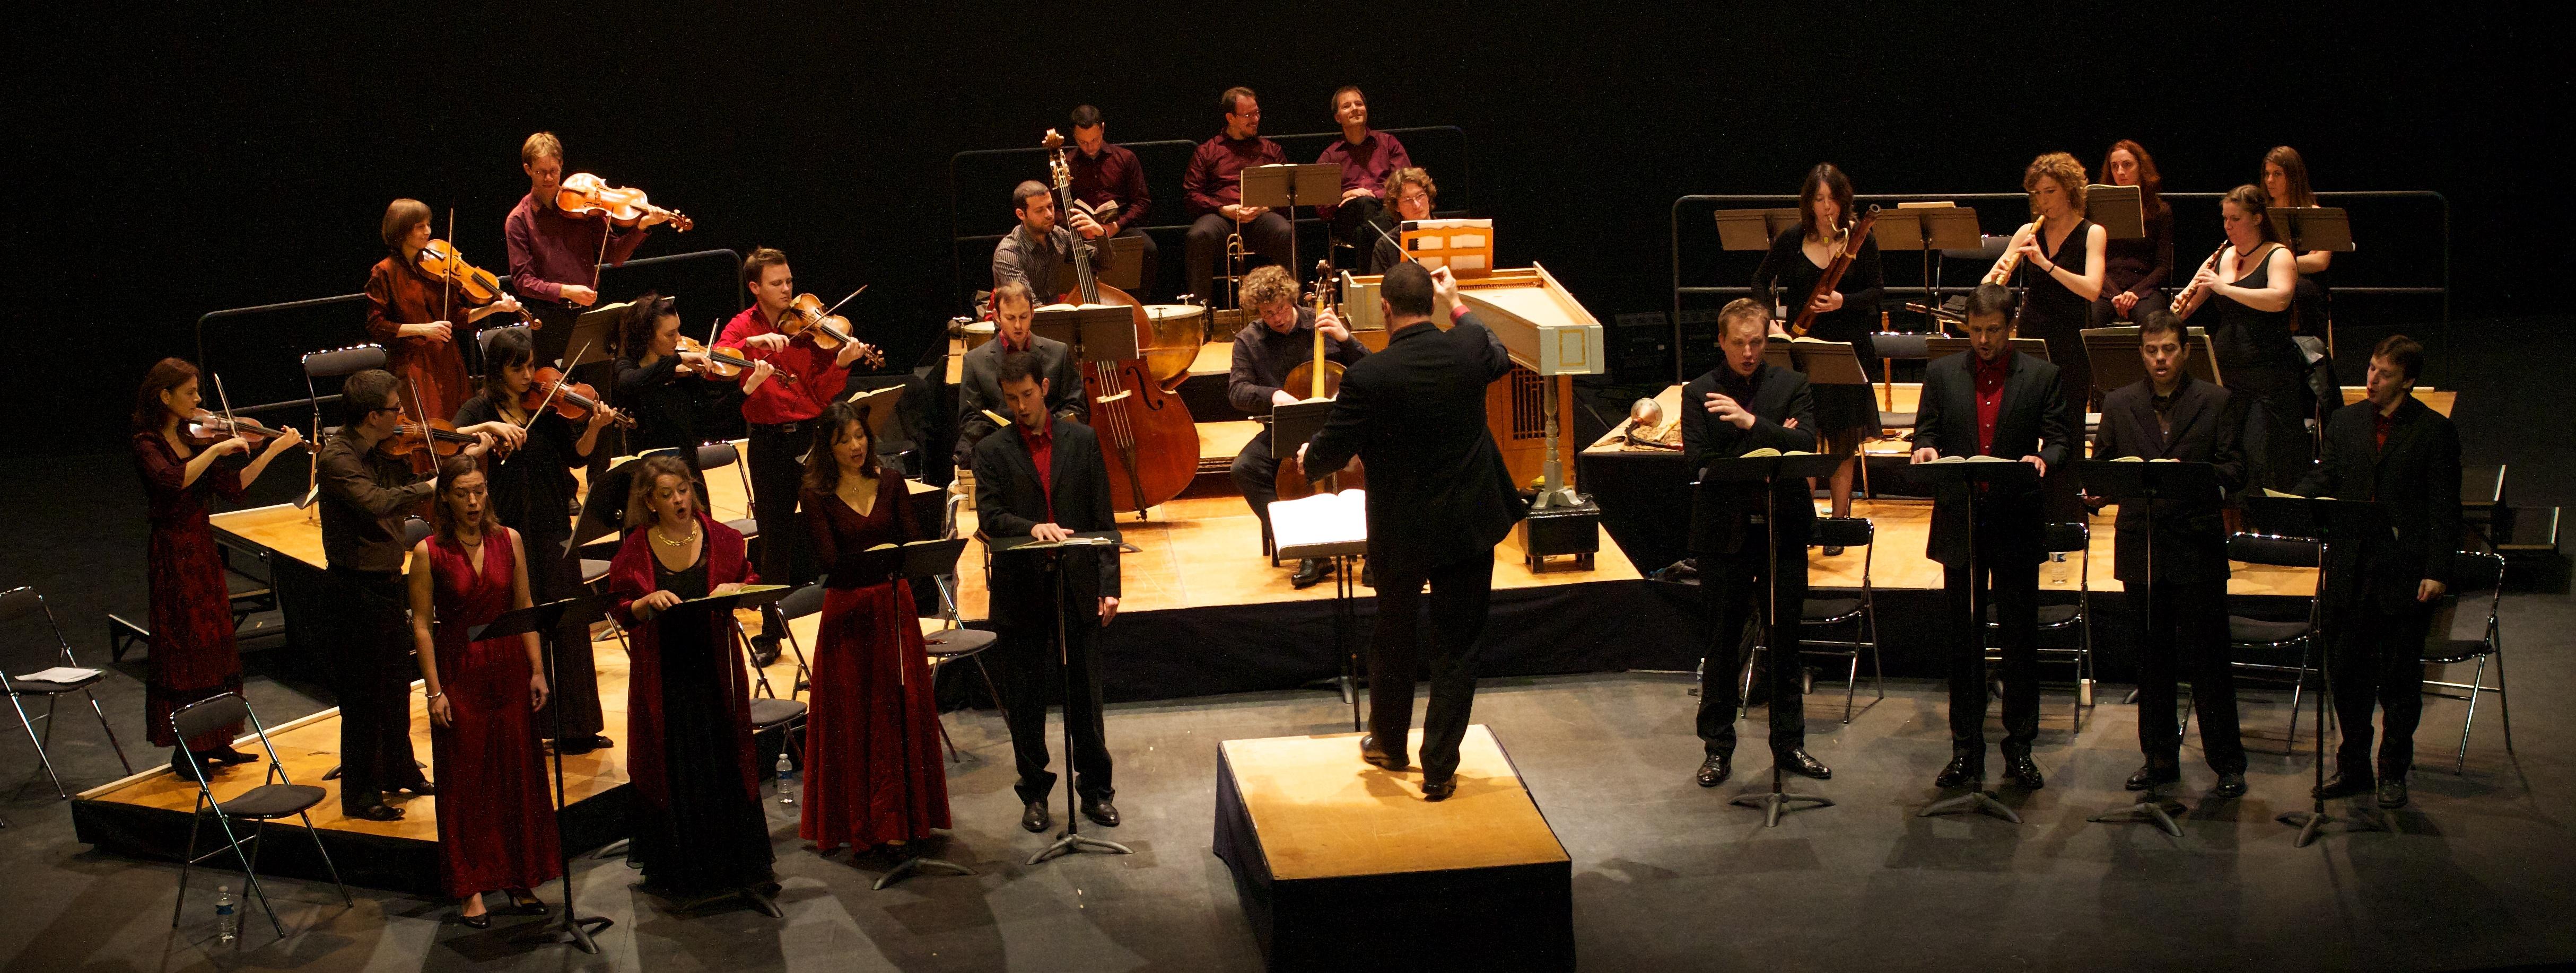 Oratorio de Noël au théâtre des Gémeaux à Sceaux (2010 © C. Cineux)